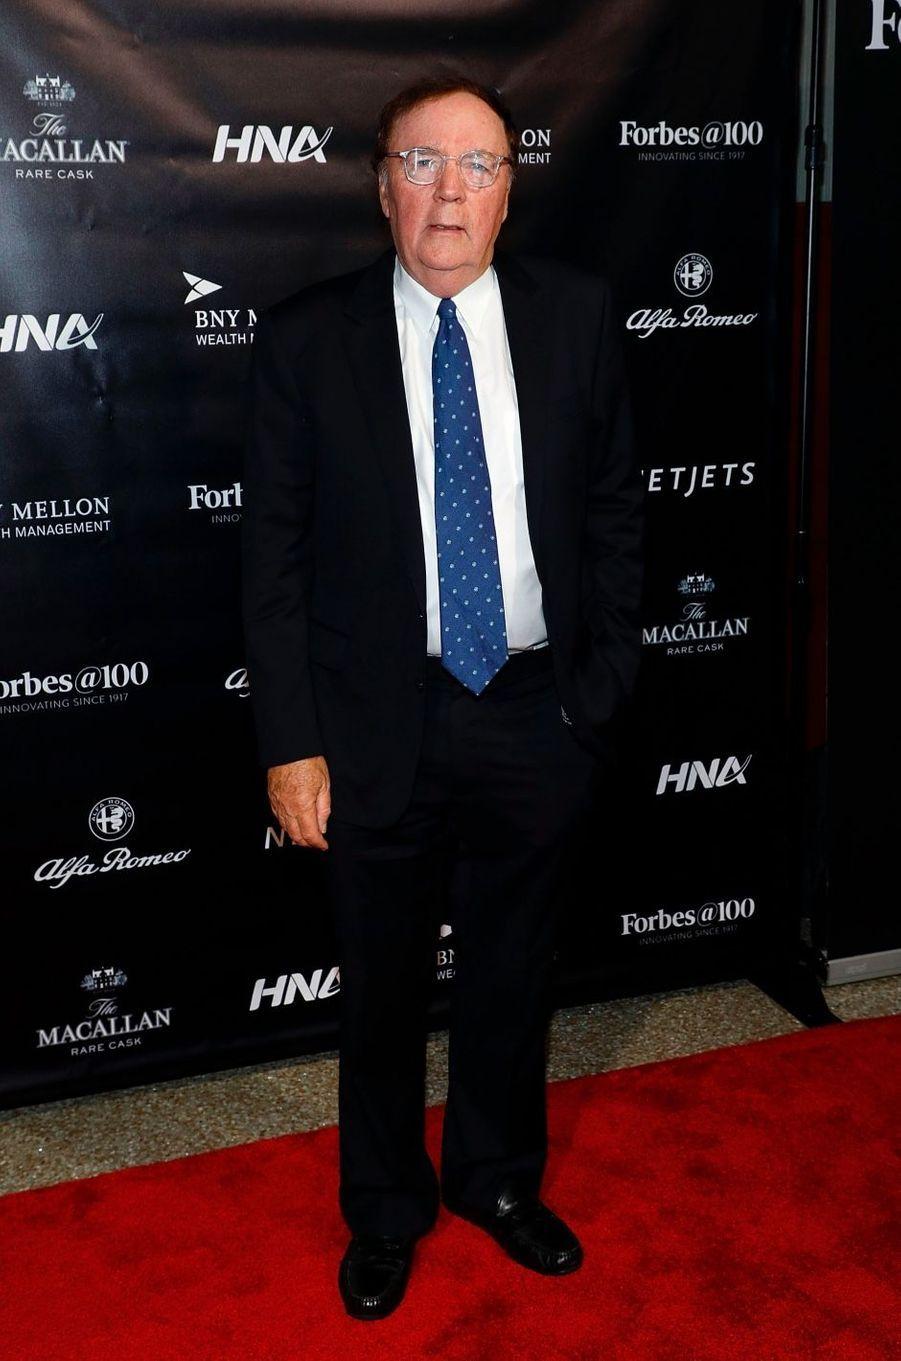 15 - James Patterson, 80 millions de dollars